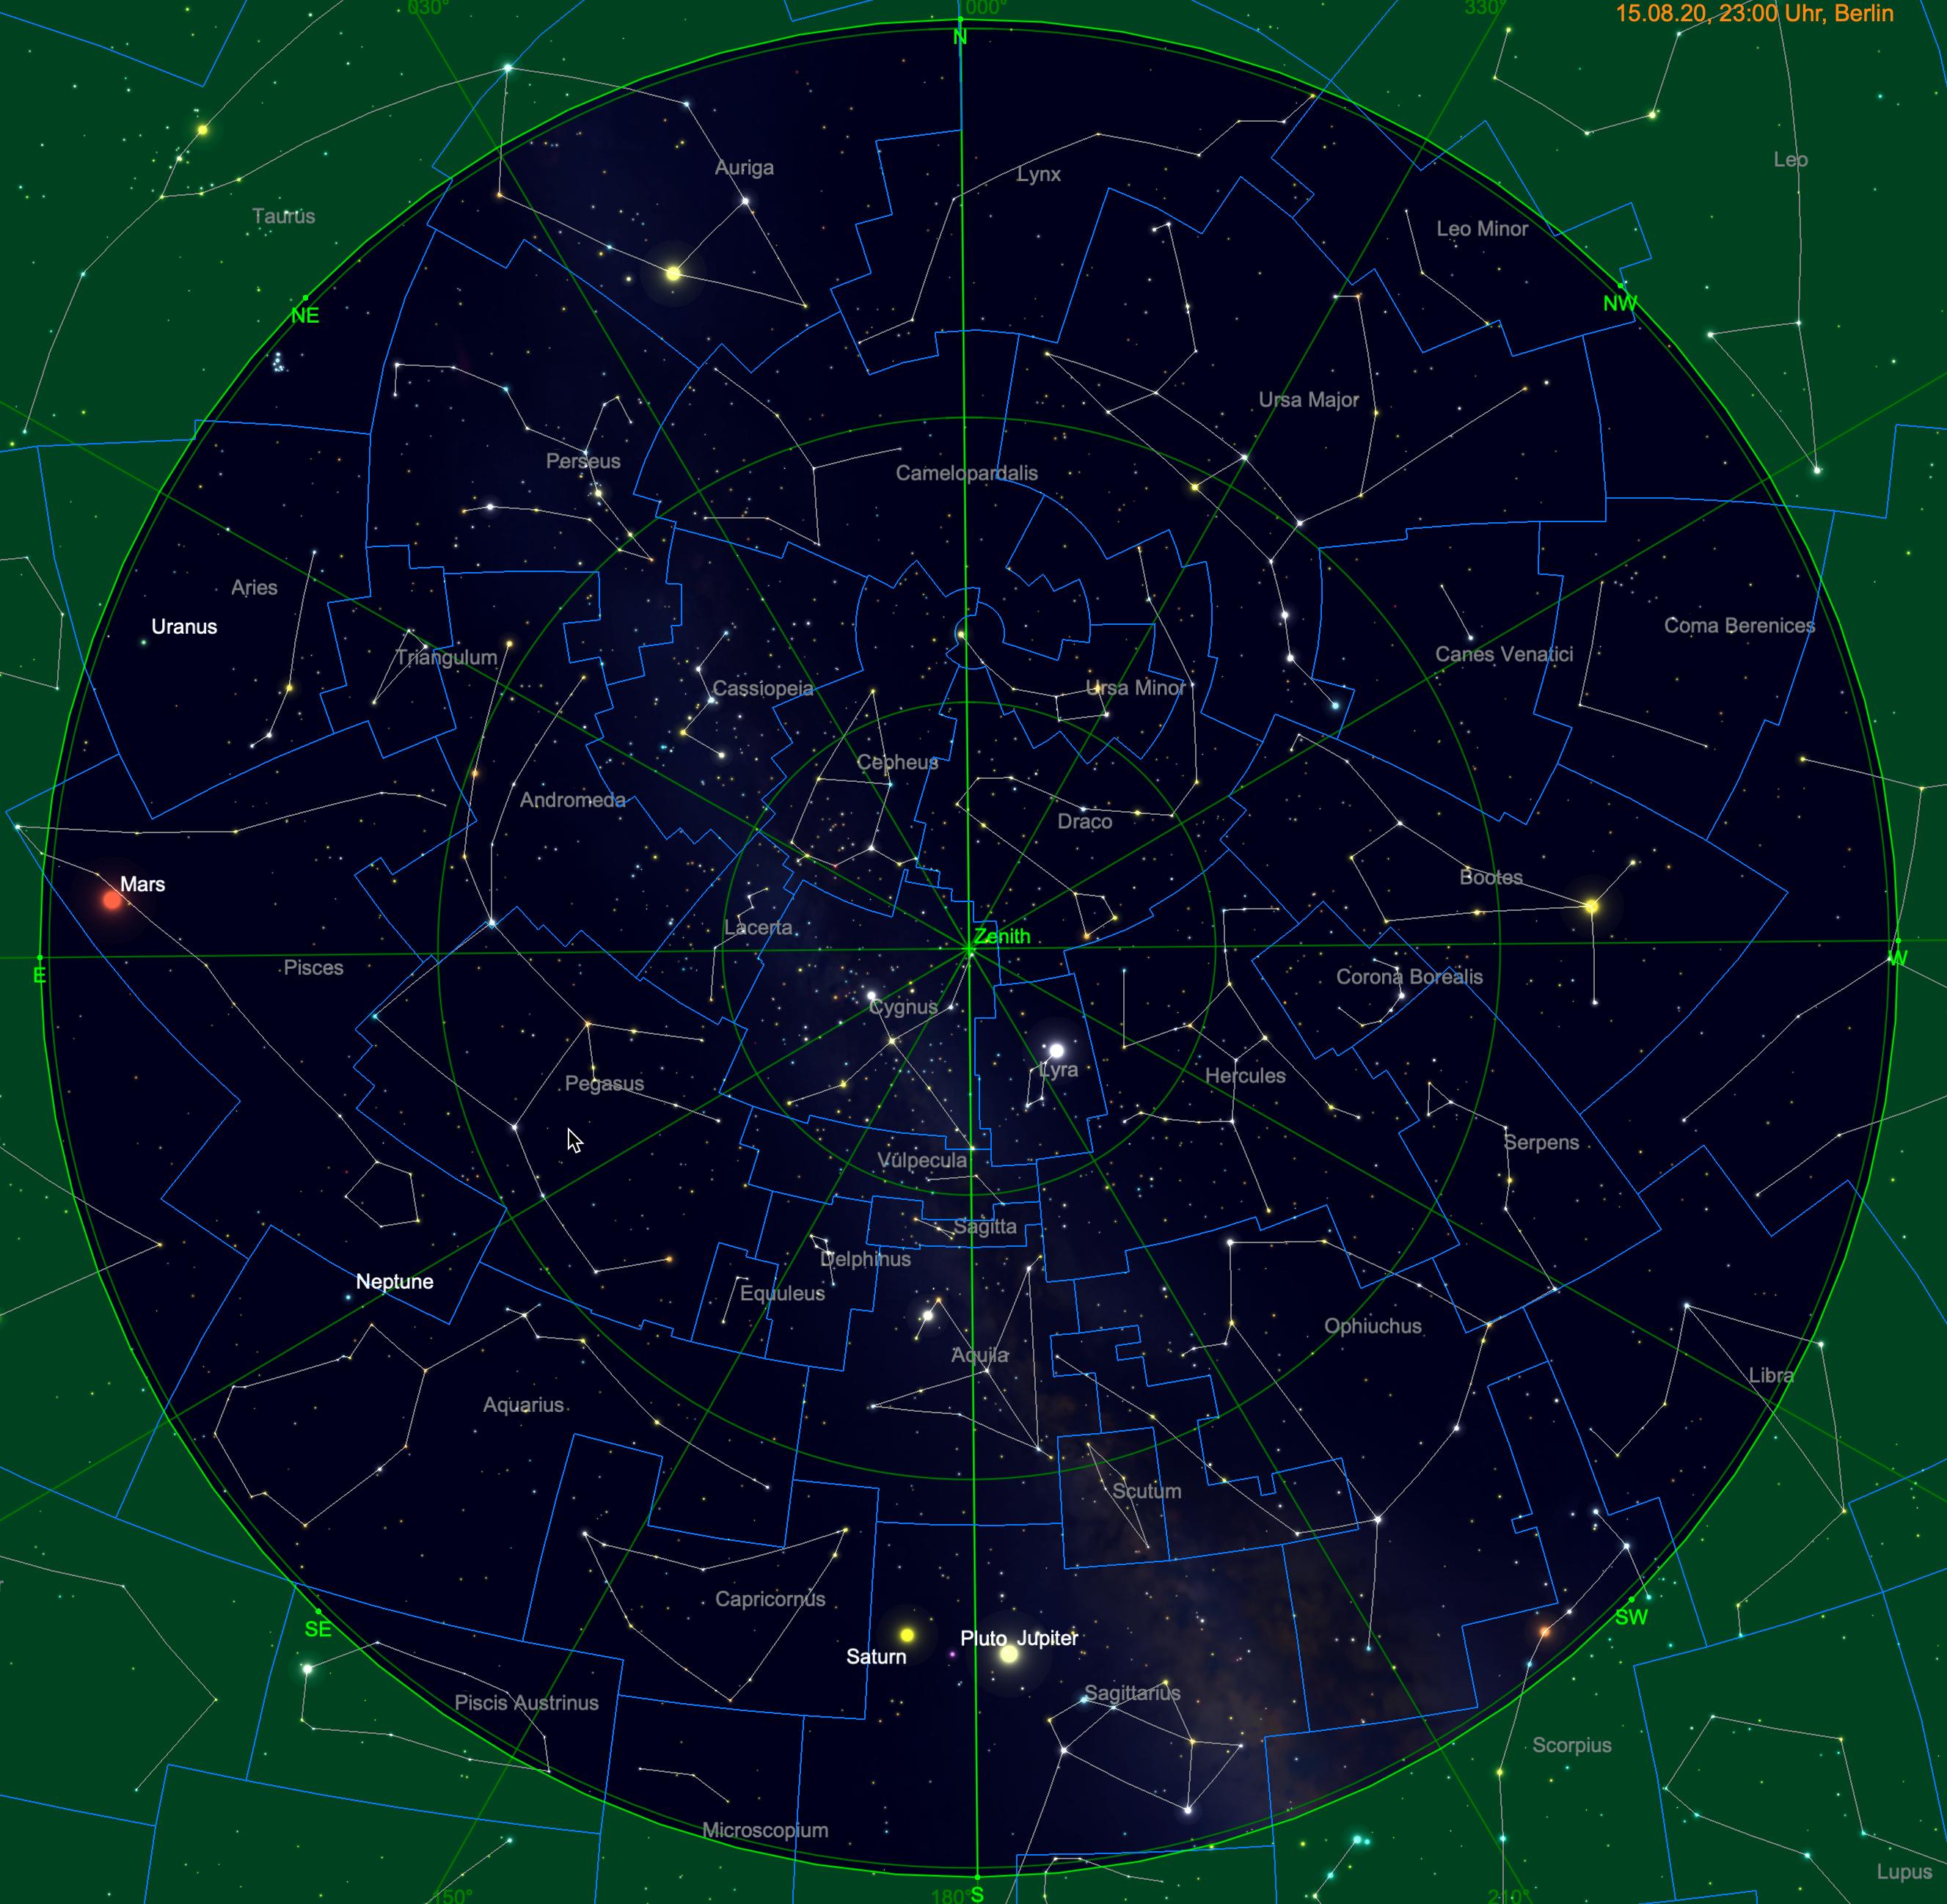 Meridiandurchgang von Jupiter und Saturn am 15. September